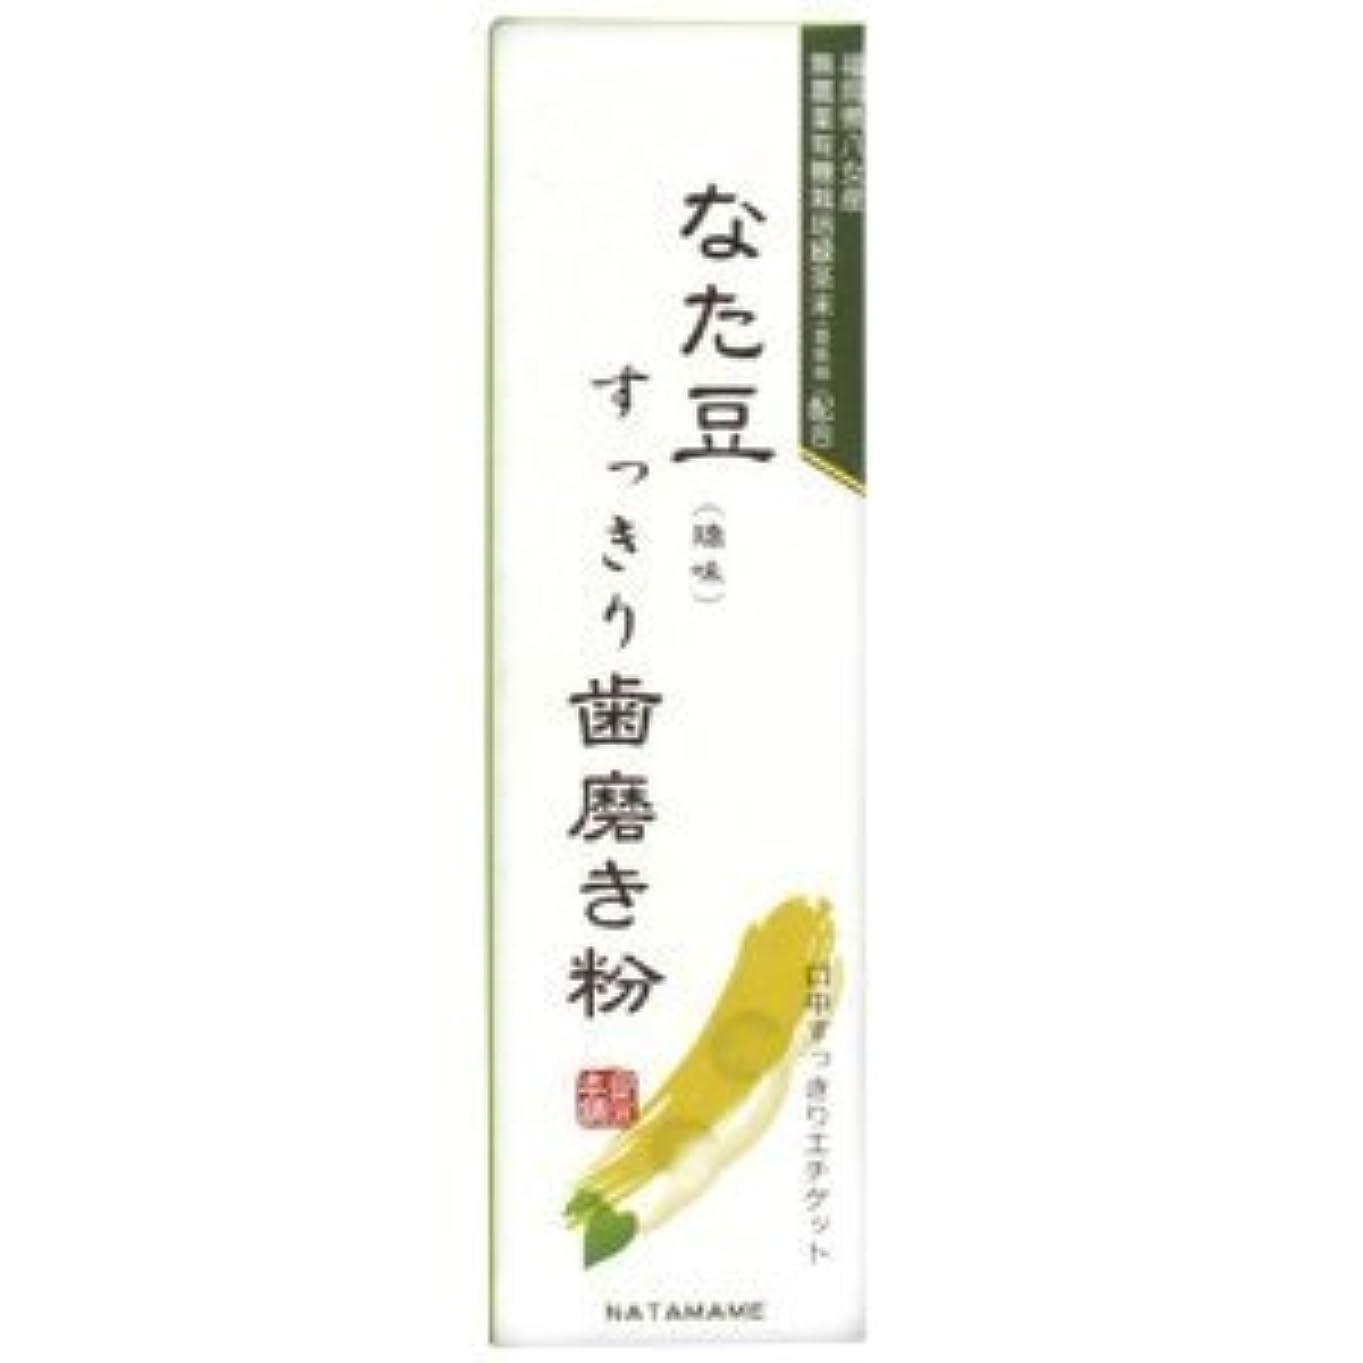 節約少なくとも好意的なた豆すっきり歯磨き粉(120g)2本セット